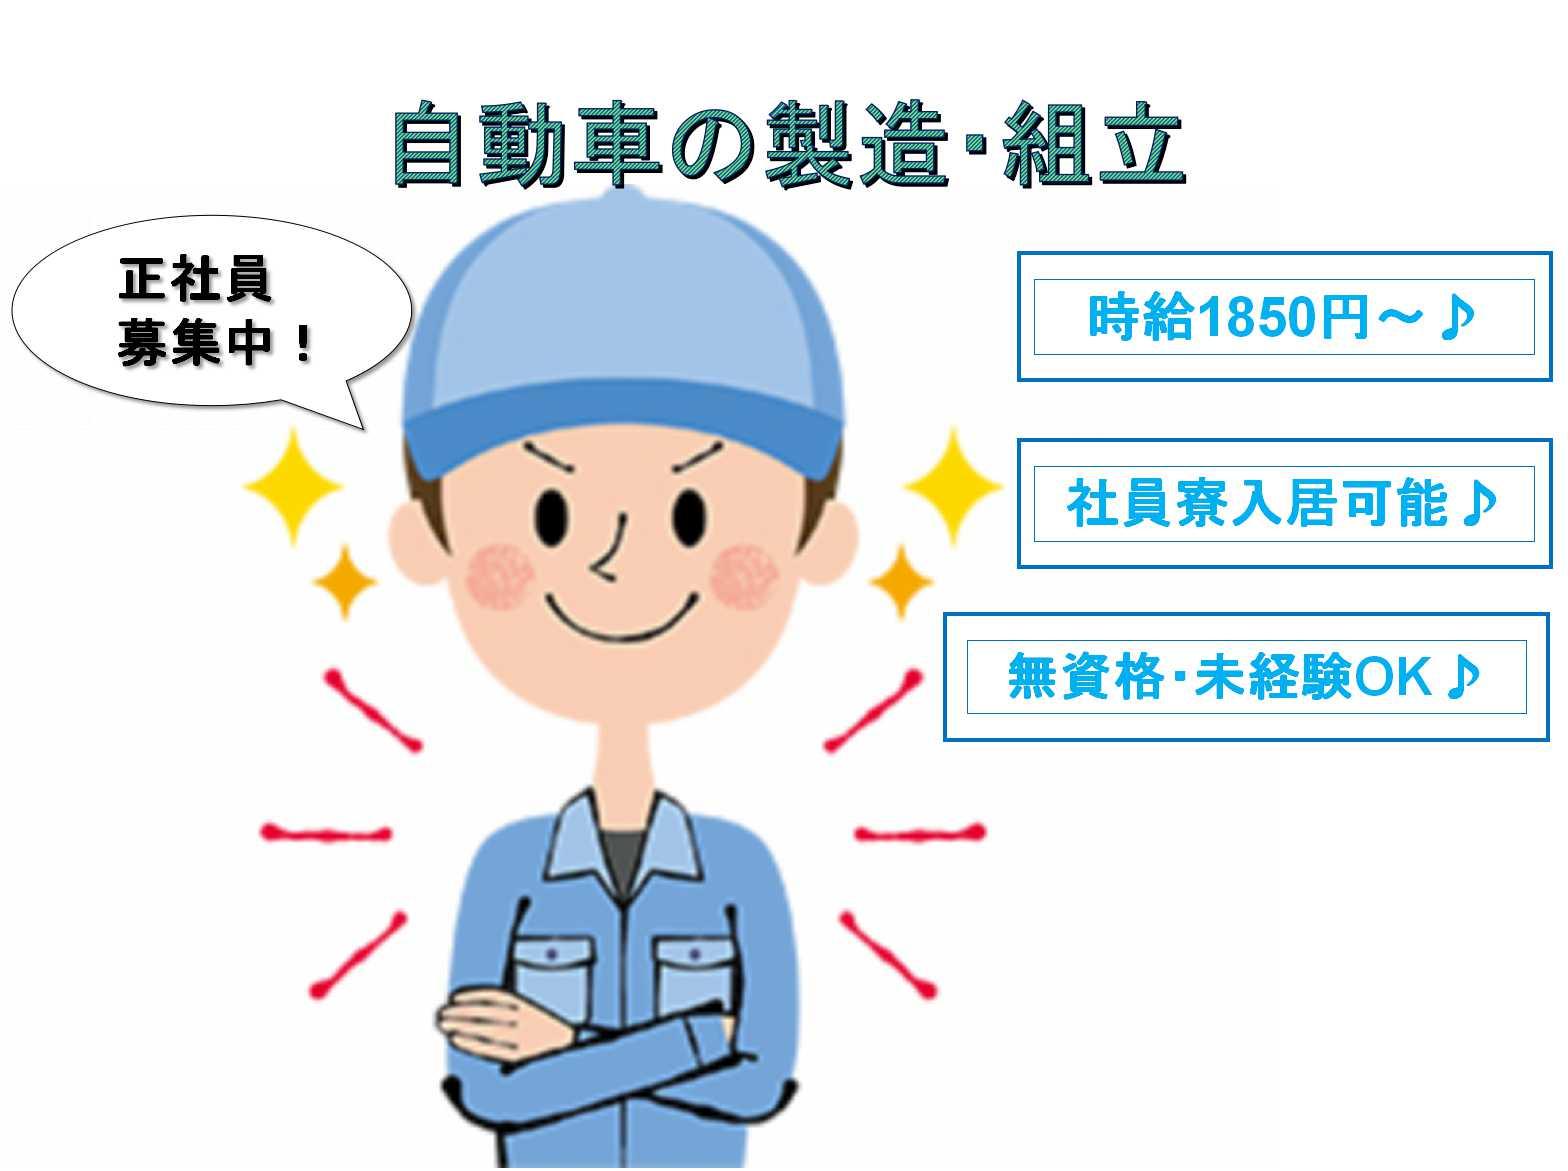 【正社員】時給1850円~◆社員寮入居可能◆自動車の製造・組立◆ イメージ